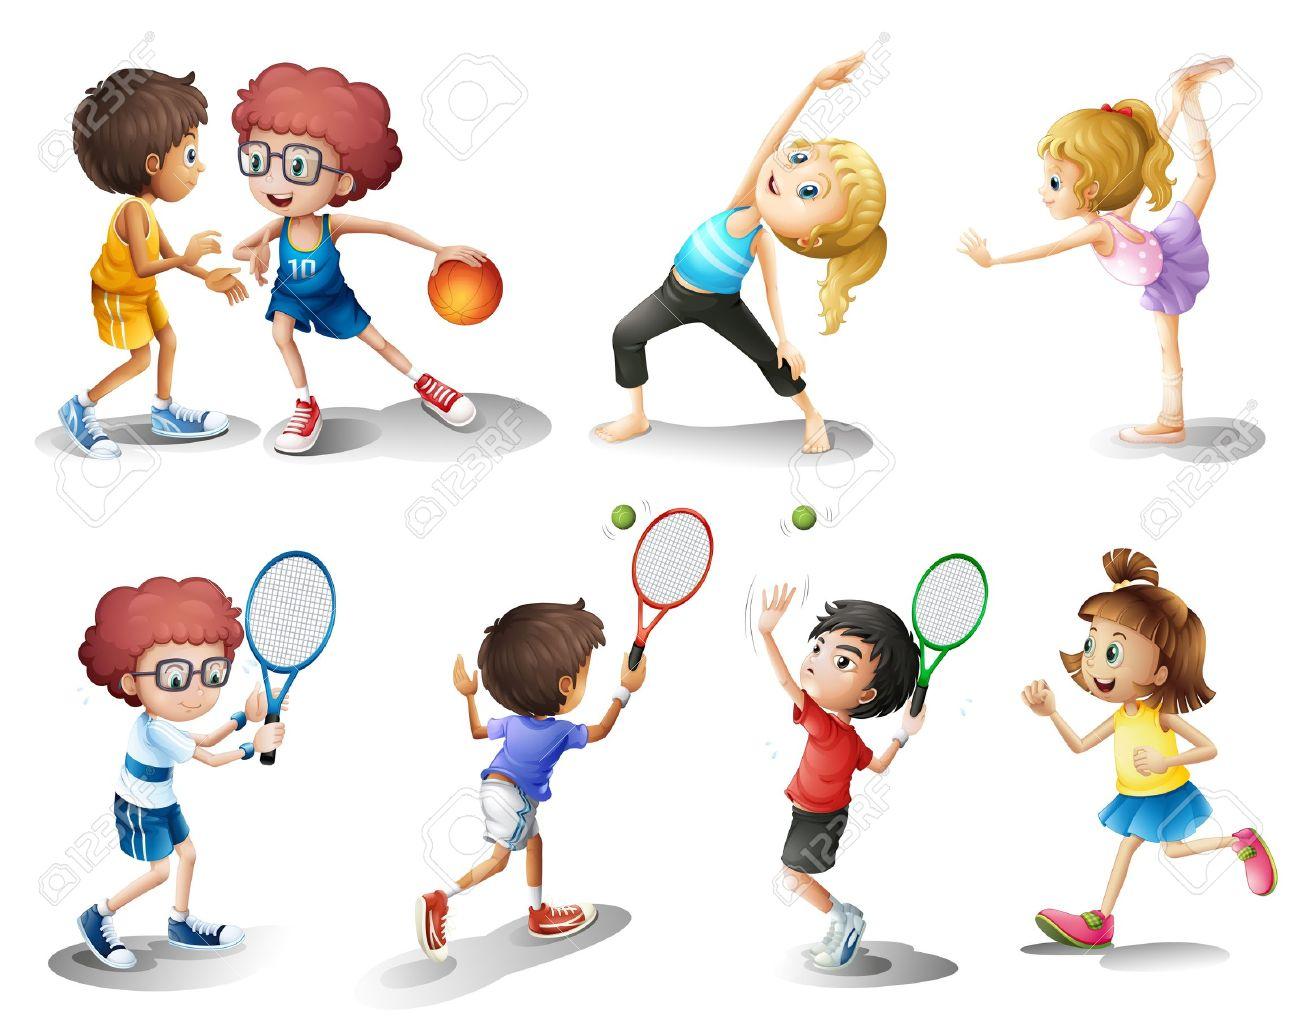 行使し、白い背景にさまざまなスポーツの子供たちのイラスト